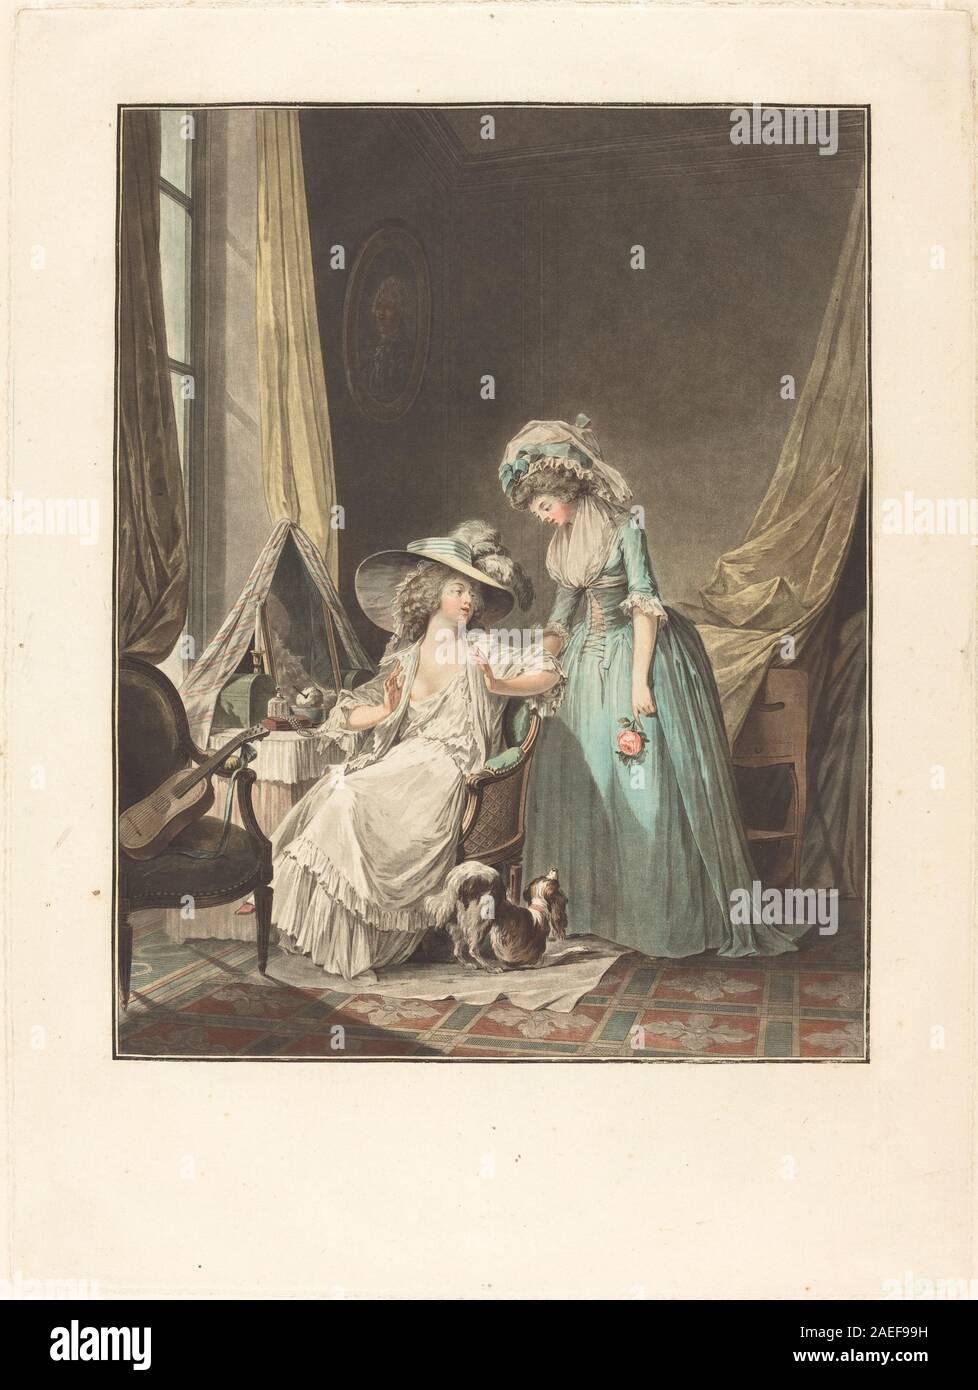 Jean-François Janinet after Nicolas Lavreince, L'aveu difficile (The Difficult Confession), 1787 L'aveu difficile (The Difficult Confession); 1787date Stock Photo